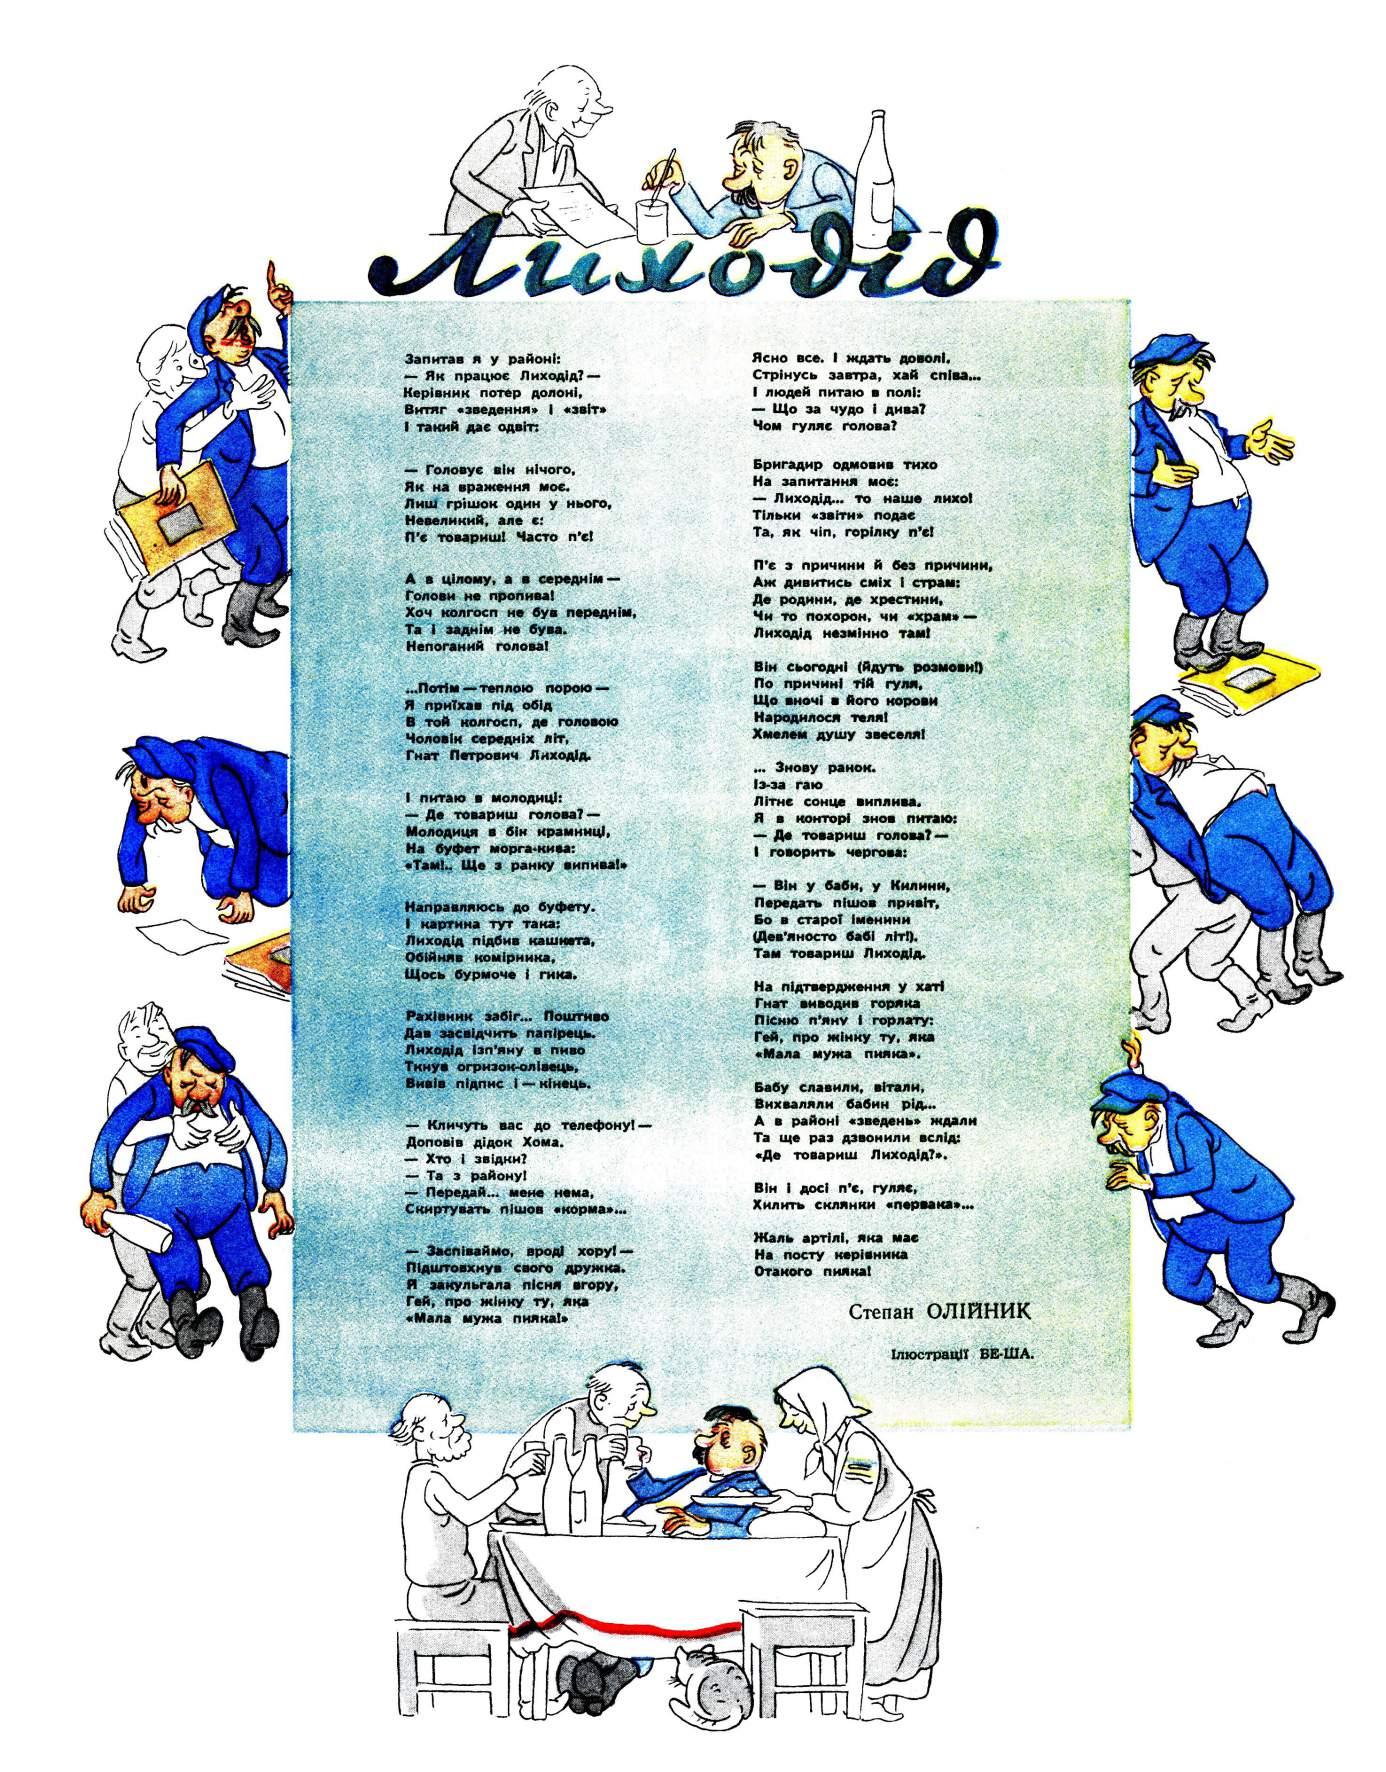 Журнал перець 1953 №14